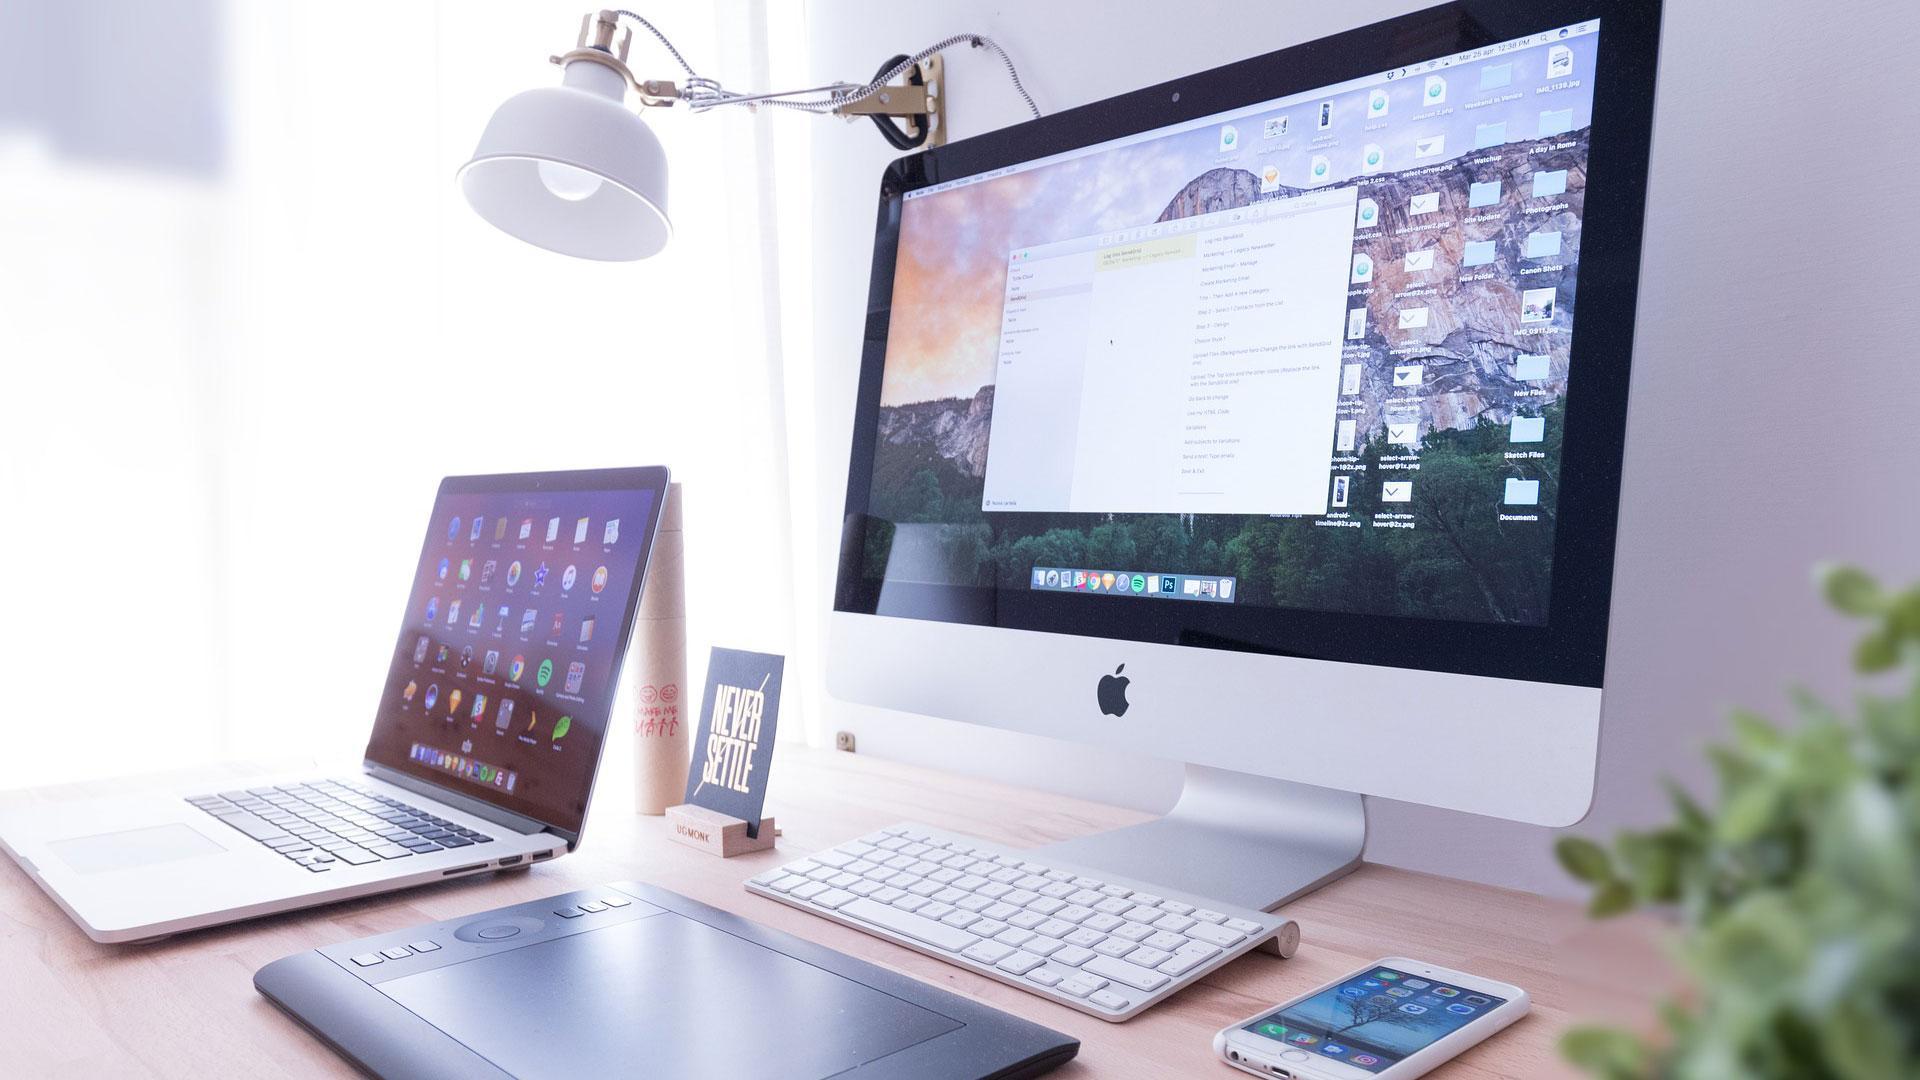 Pöydällä kannettava tietokone, pöytäkone ja matkapuhelin.